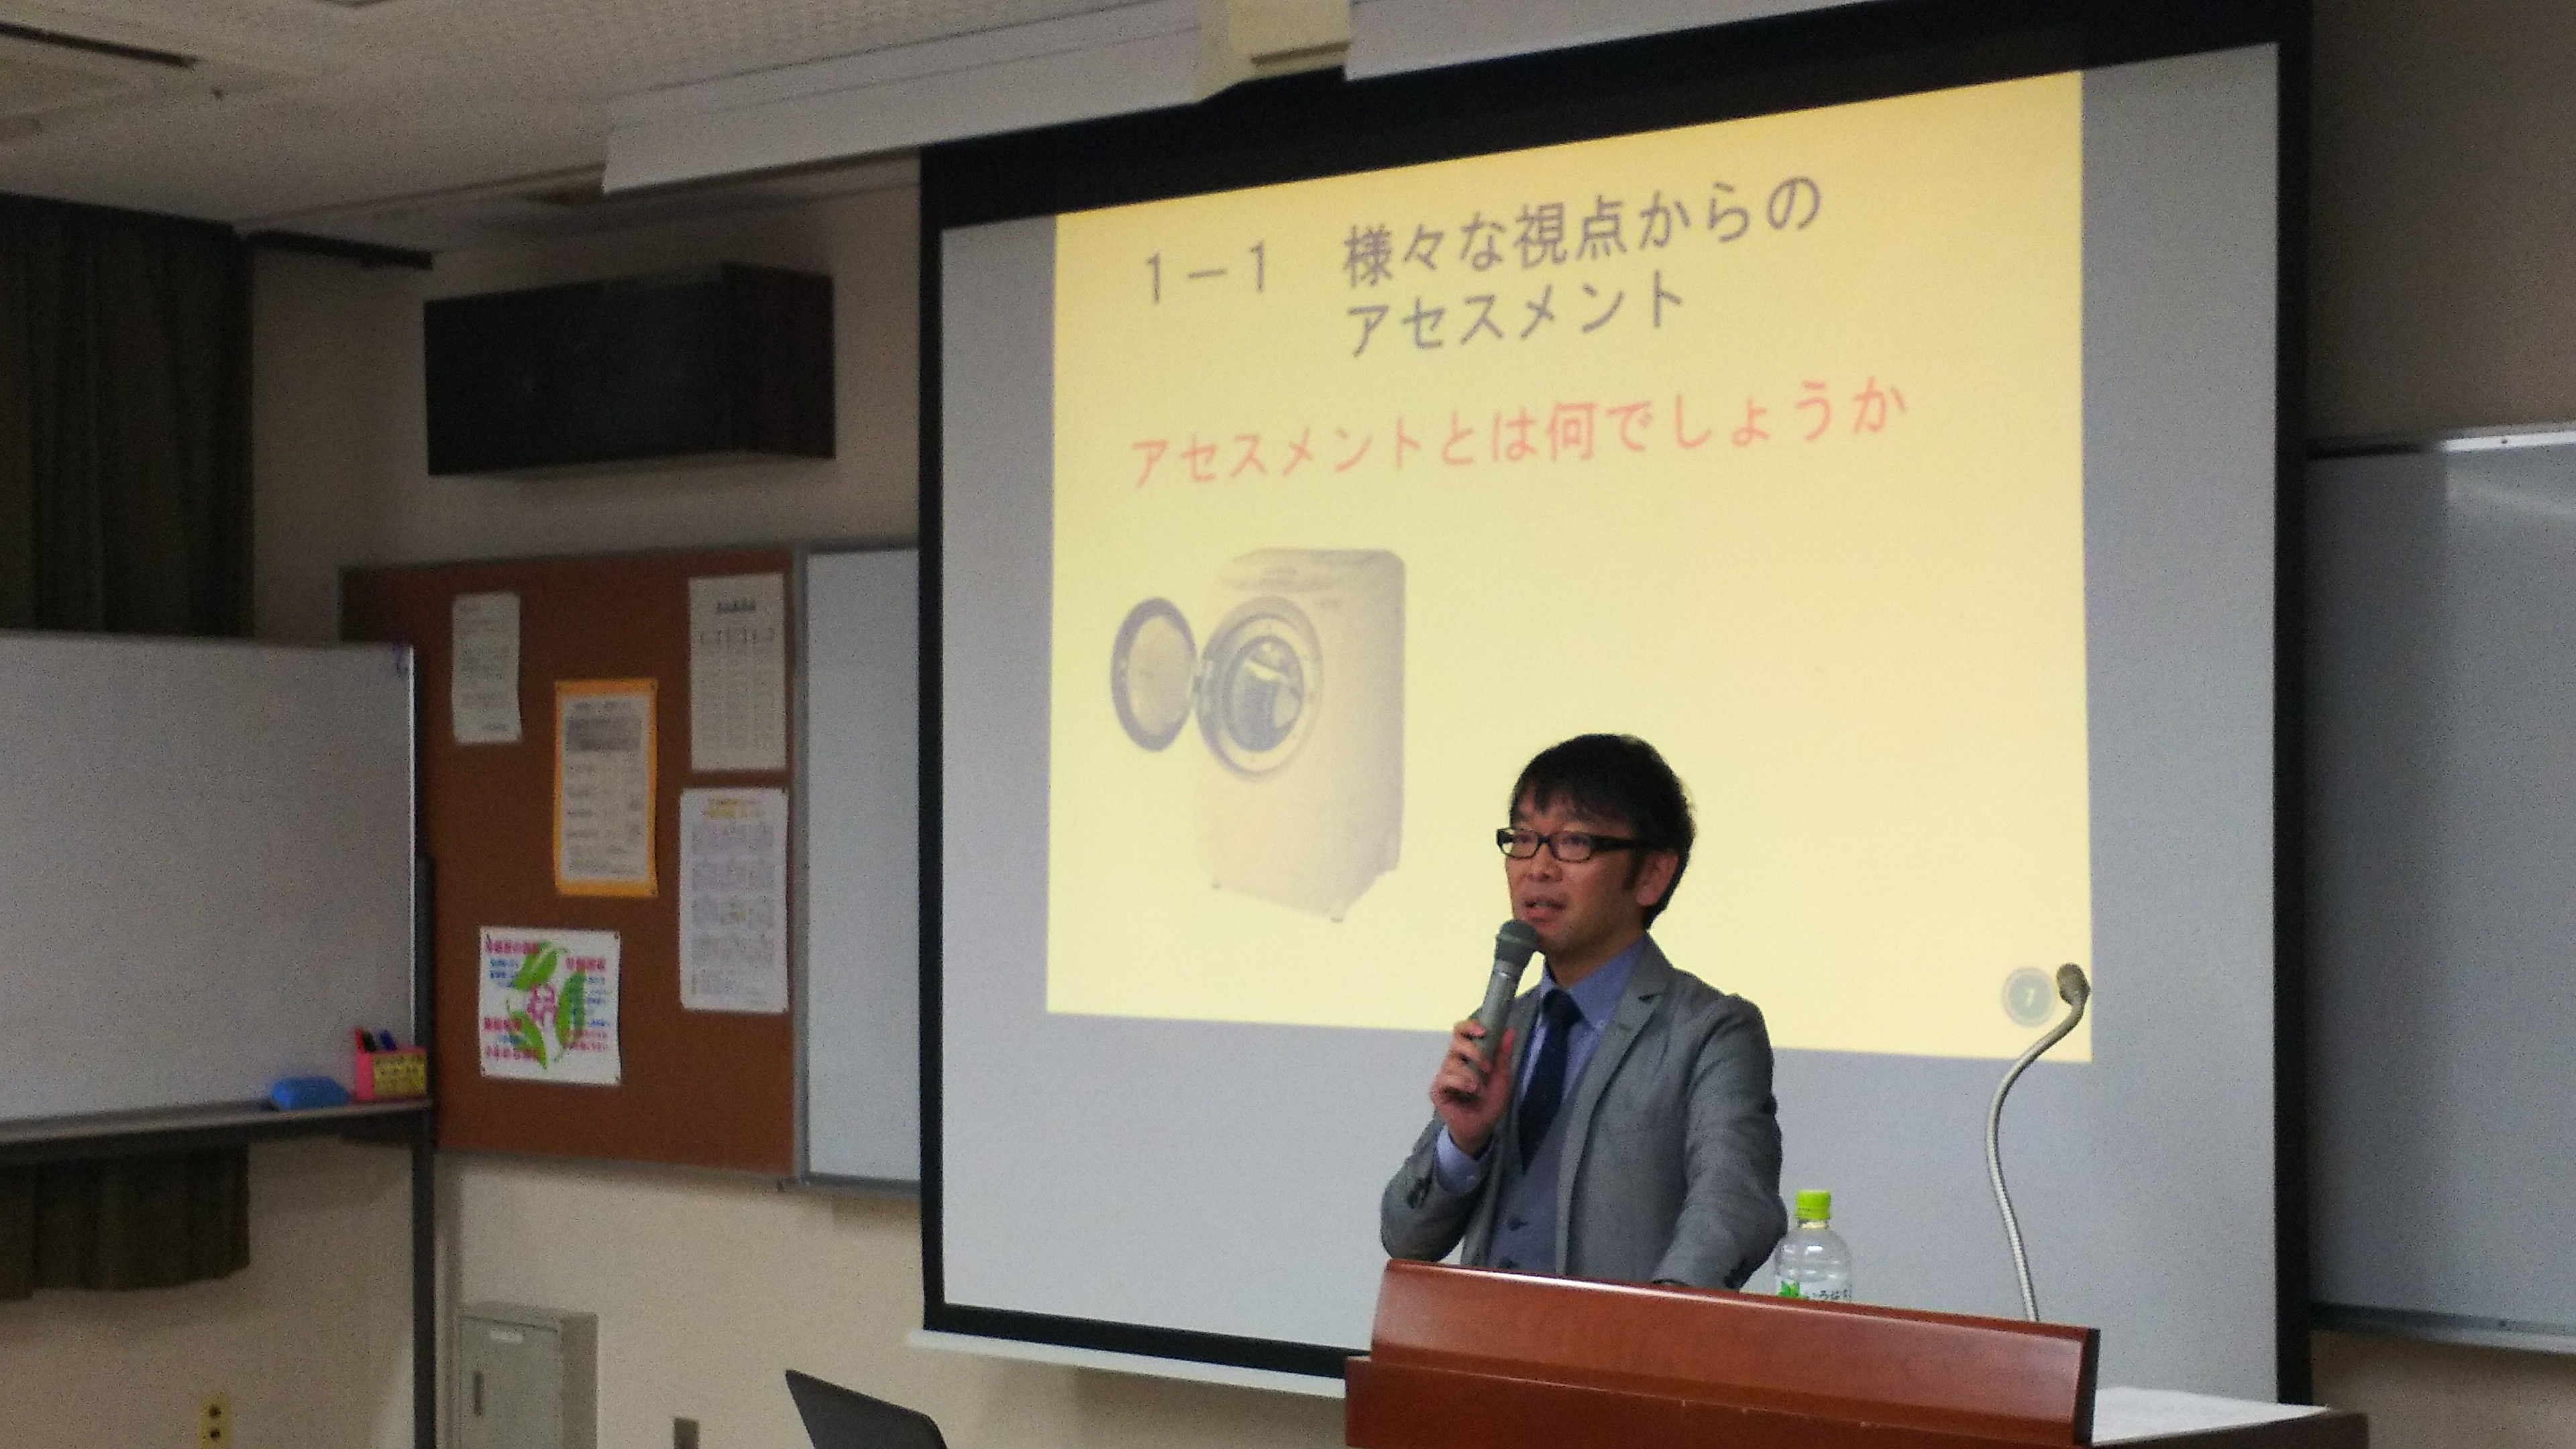 12月8日(土)東生涯学習センターにてこども財団専門研修を開催いたしました。